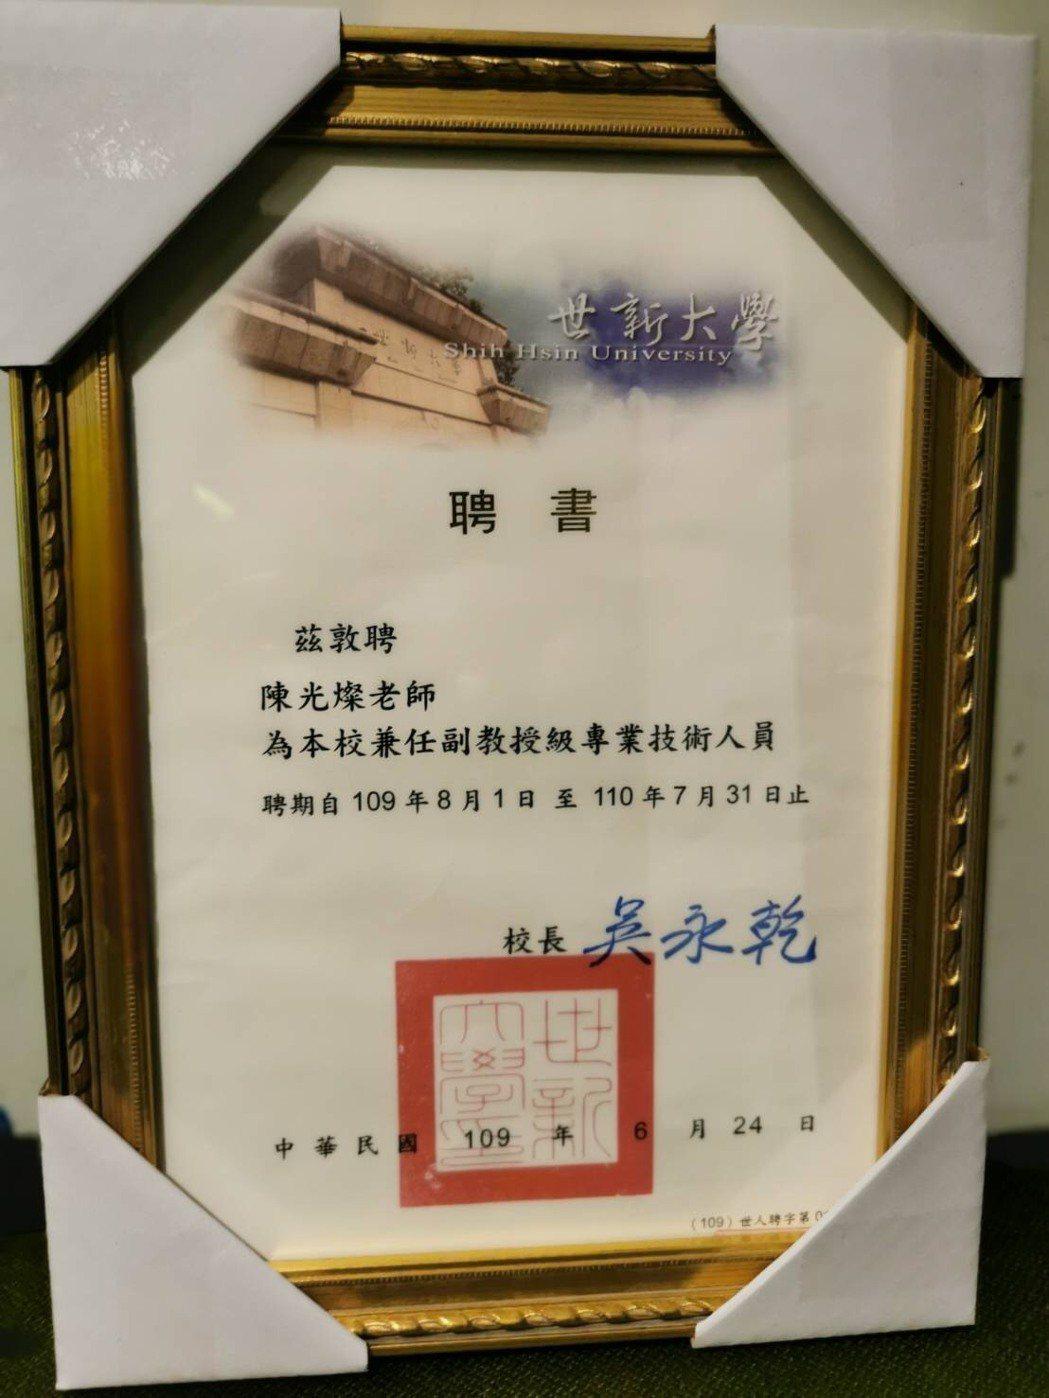 陳凱倫的世新大學任教聘書。圖/陳凱倫提供